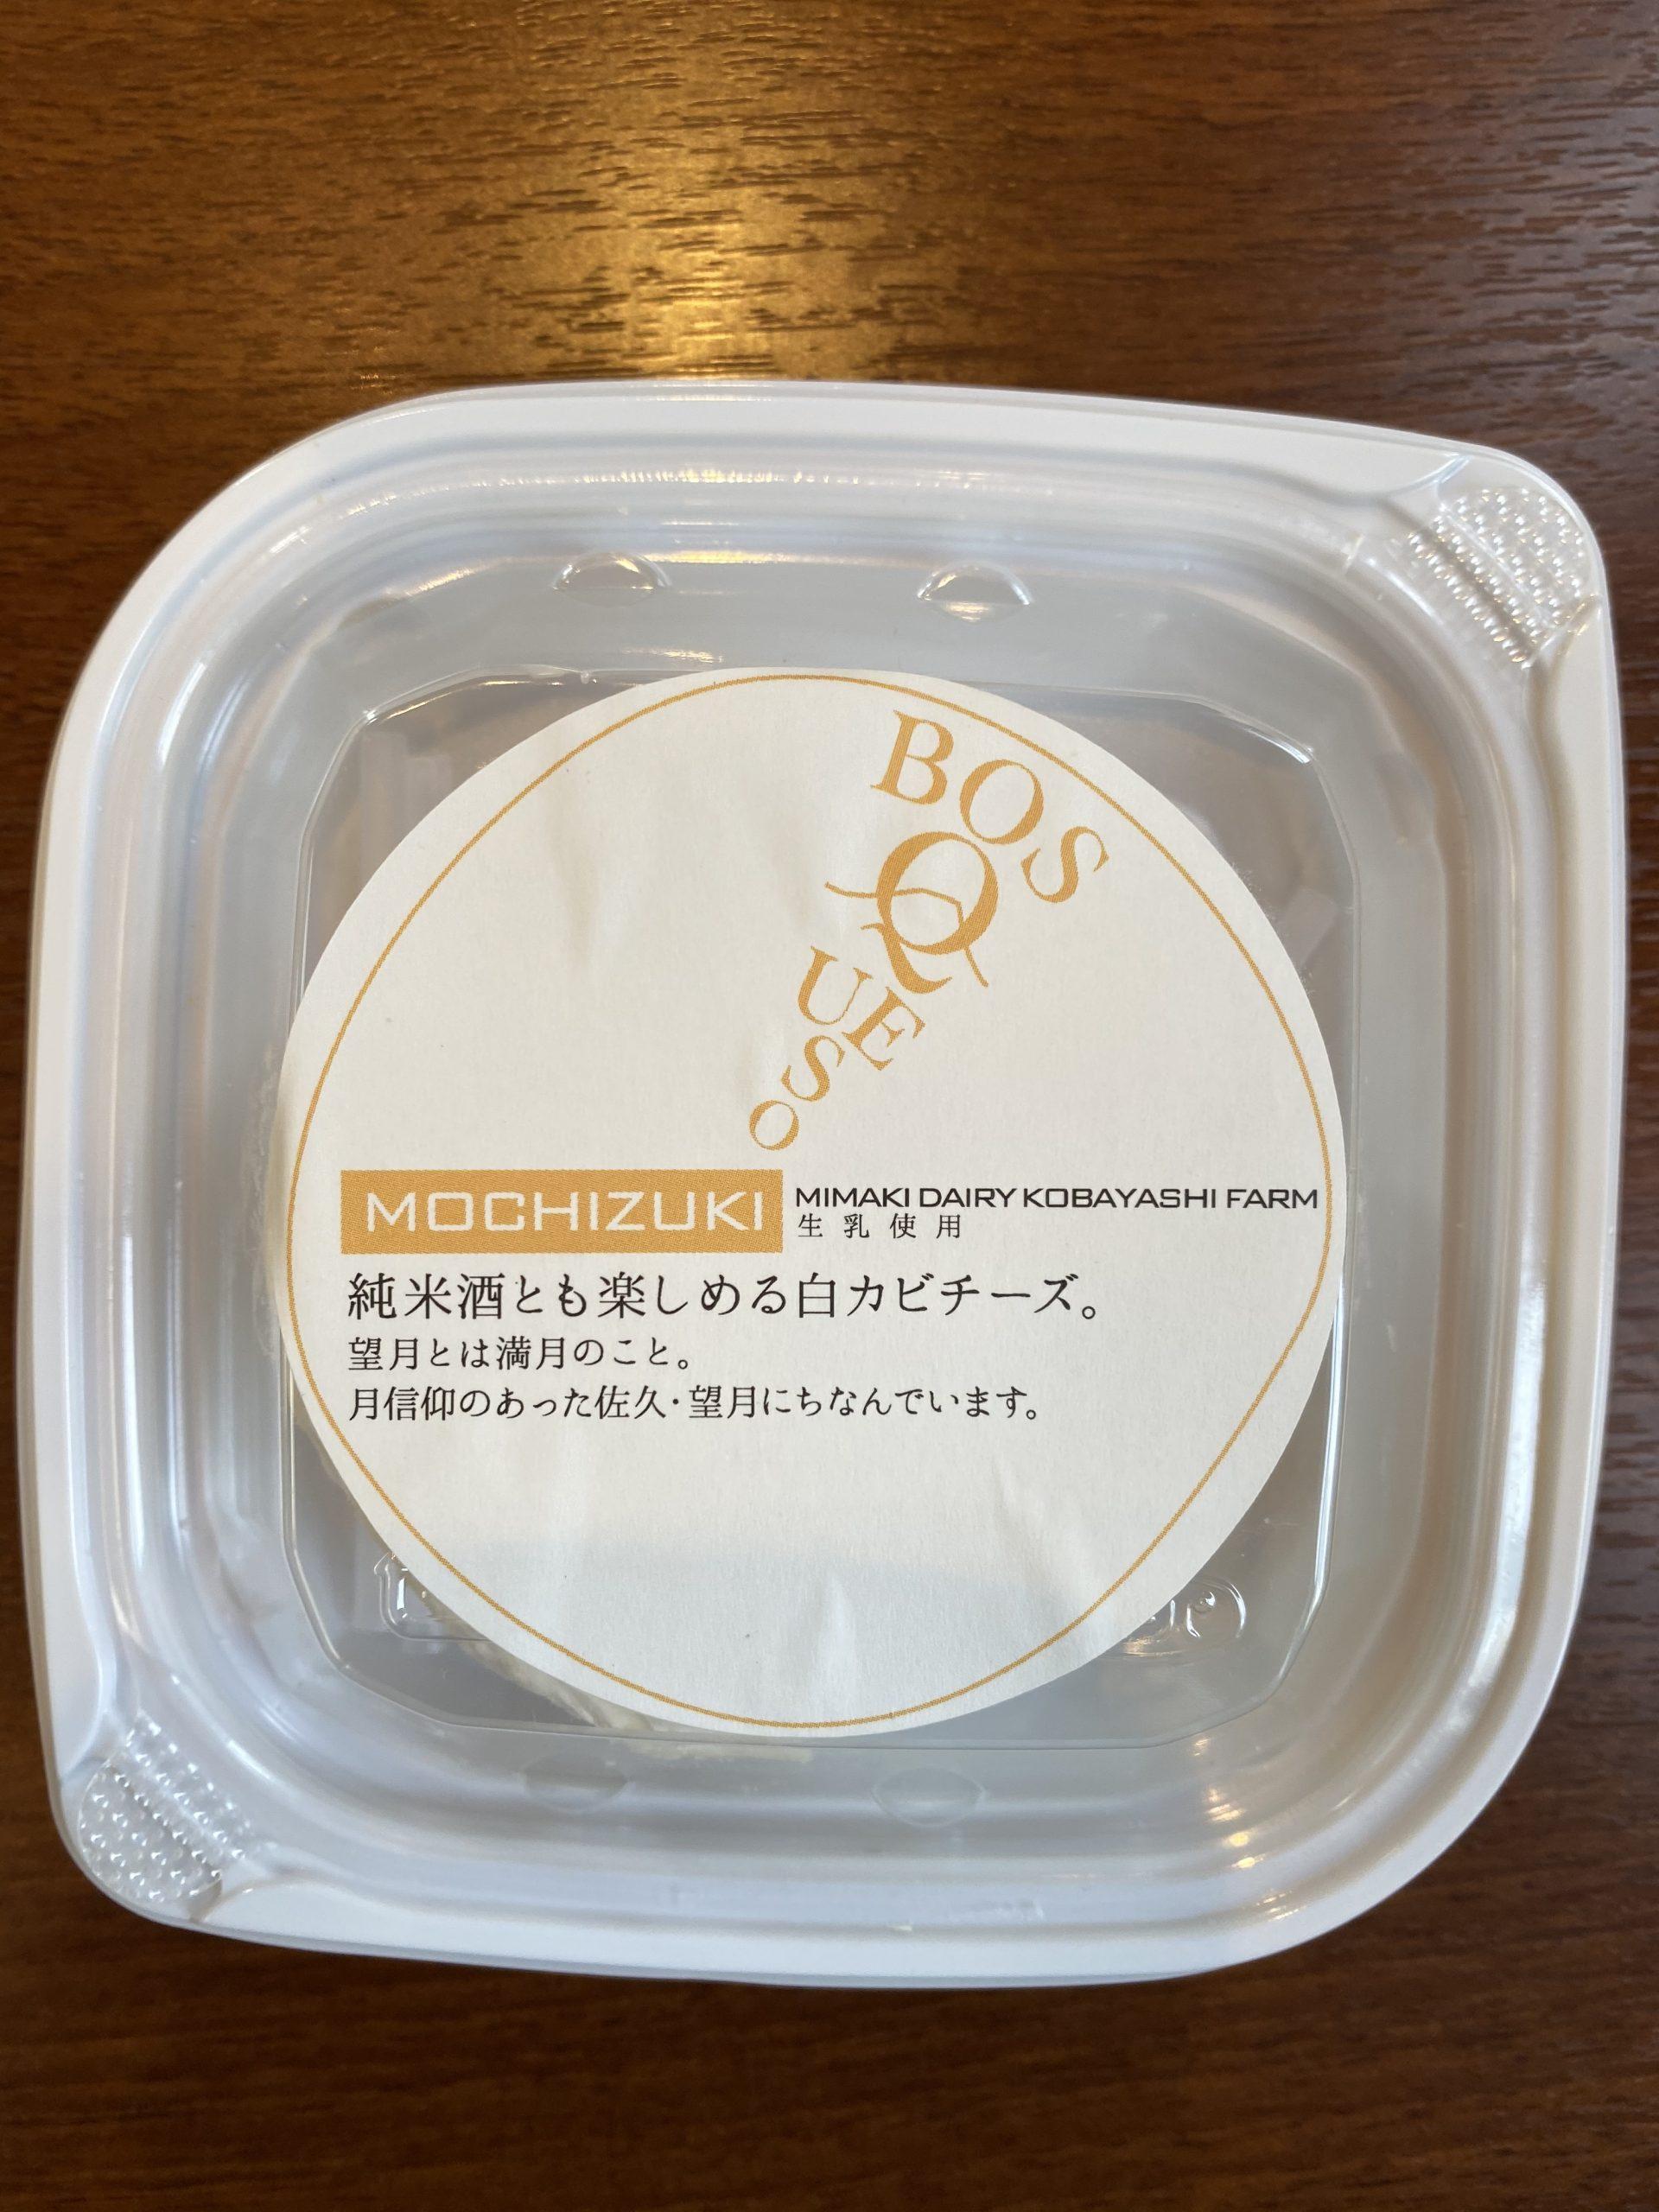 ボスケソチーズラボ(佐久市)MOCHIZUKI (牛乳製)(90g)